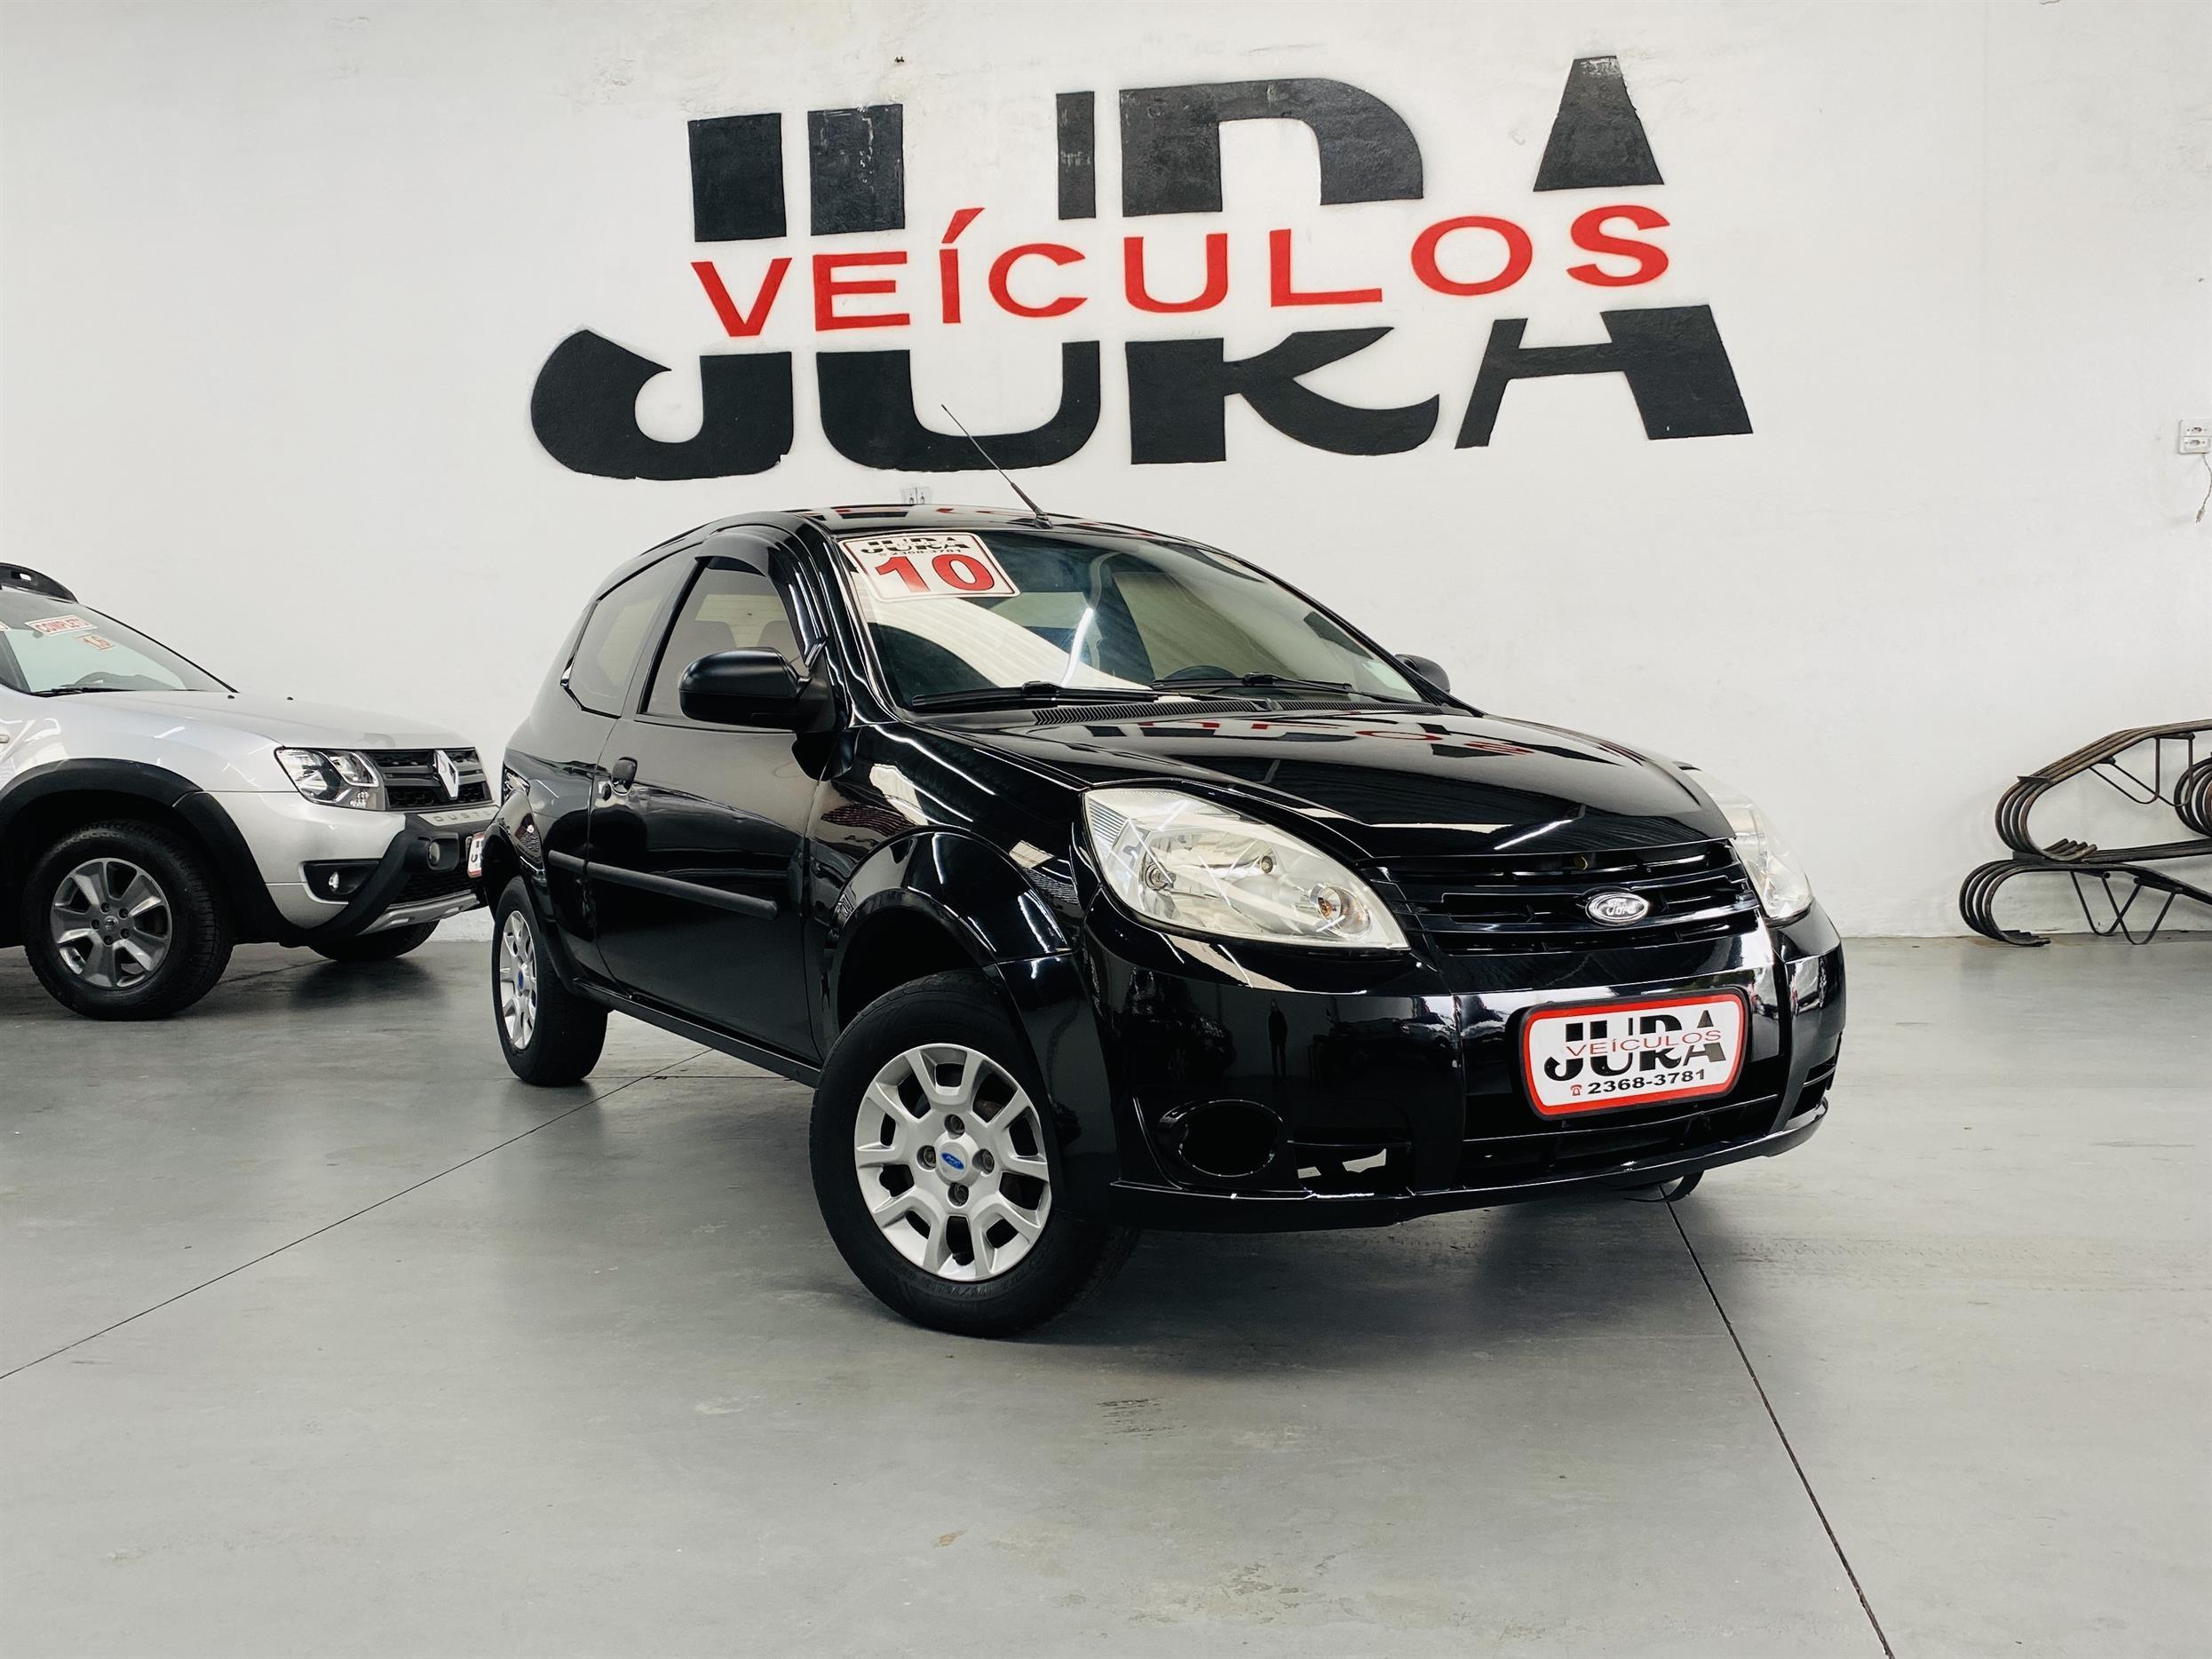 //www.autoline.com.br/carro/ford/ka-10-8v-flex-2p-manual/2010/sao-paulo-sp/15770058